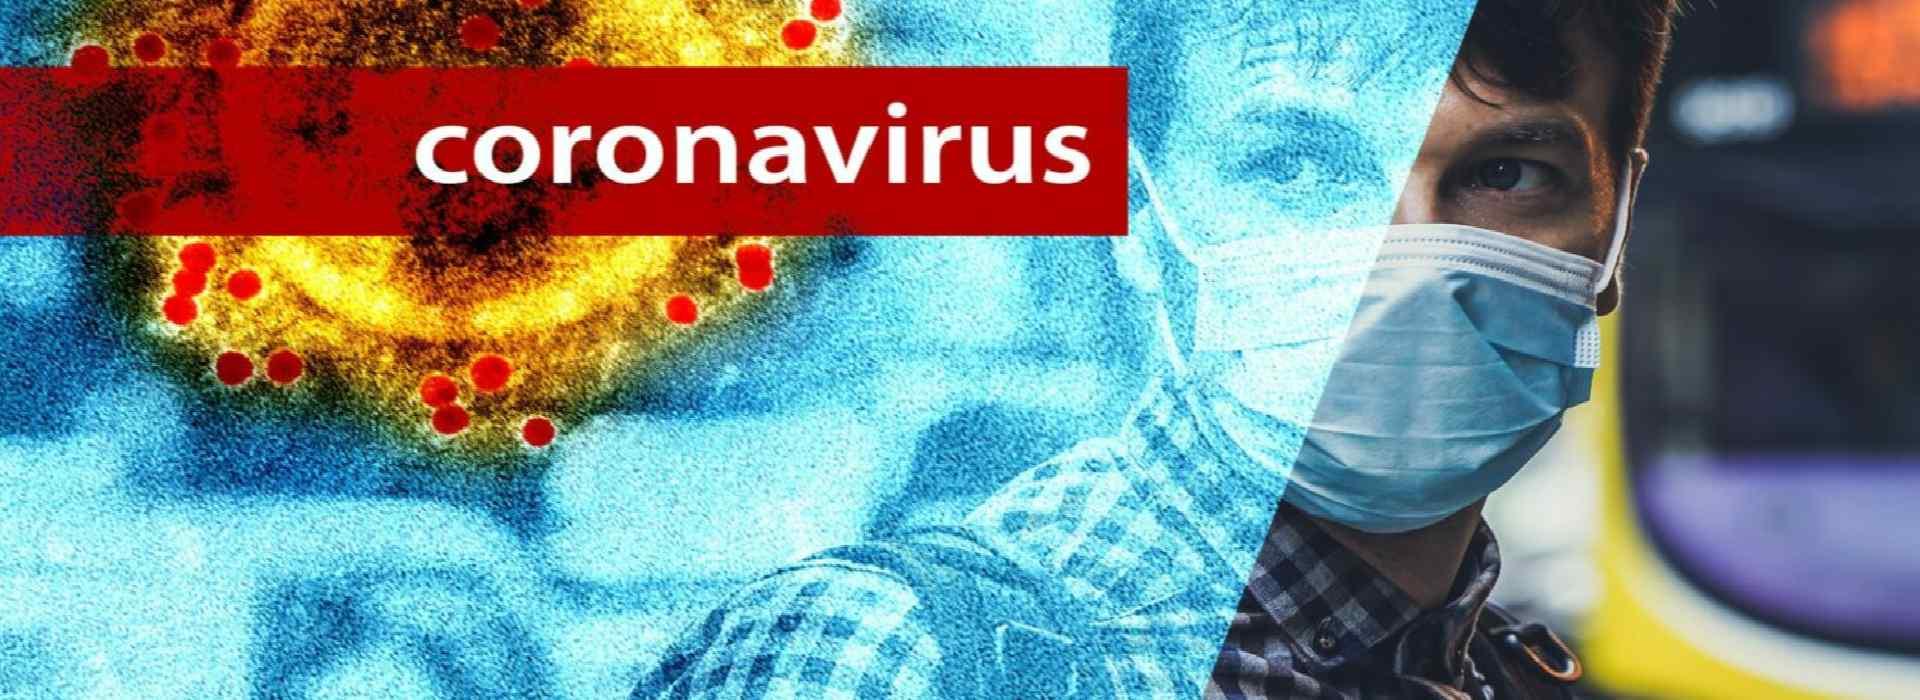 La Mia Città Ideale Test coronavirus abruzzo.a pescara su uomo primo test positivo. a